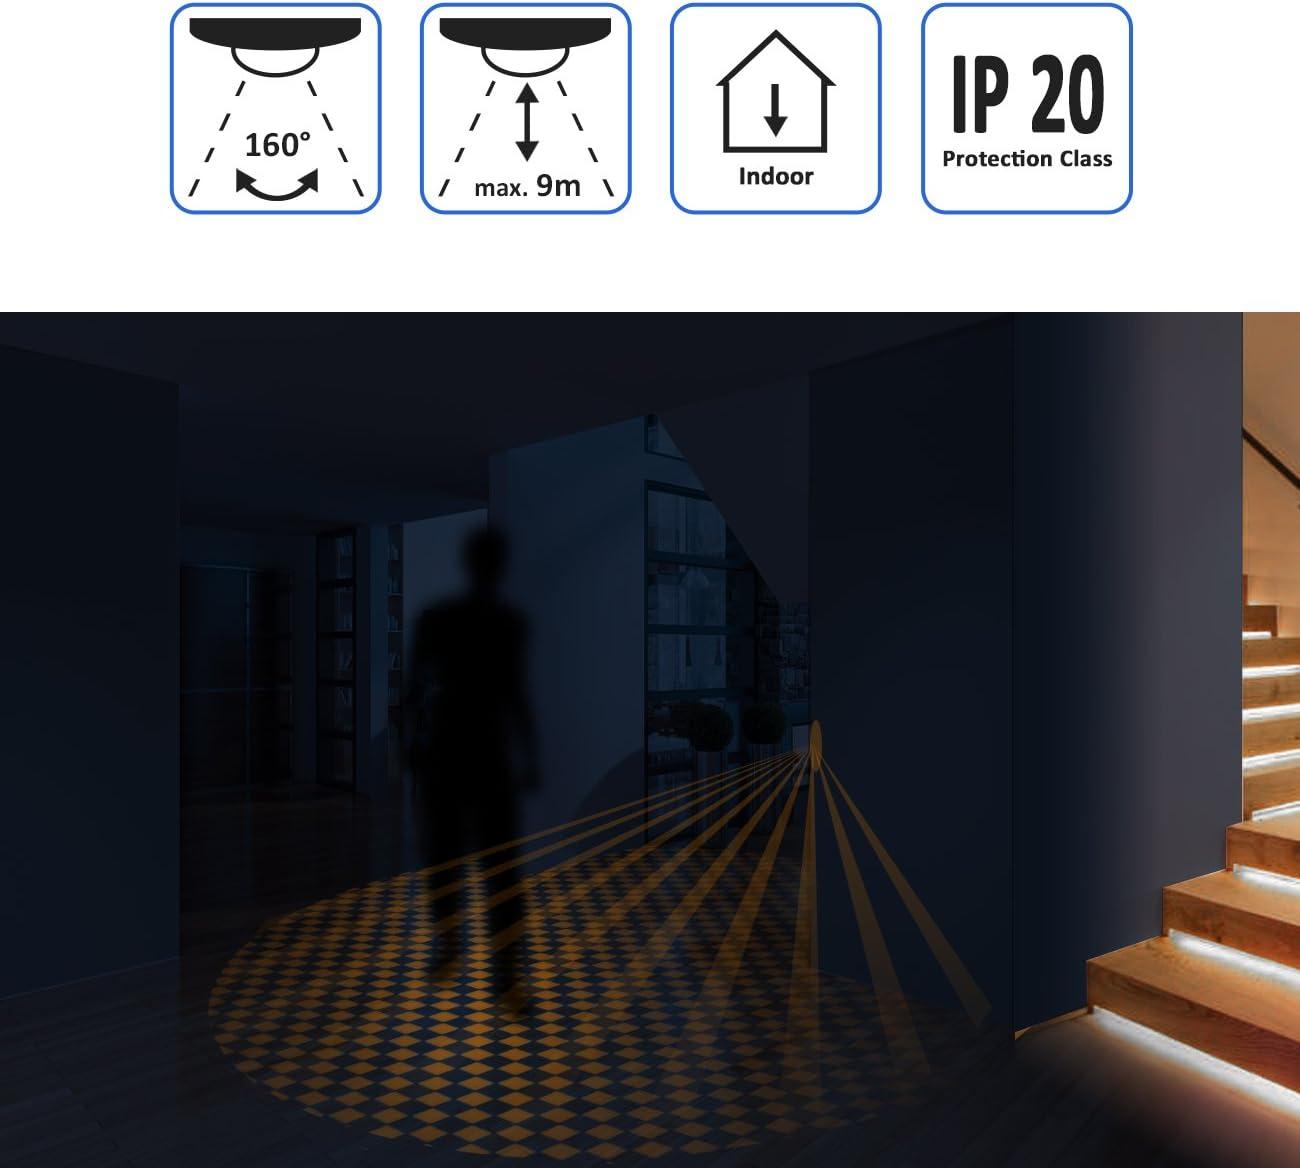 9FT//2.74M Acier Inoxydable Quincaillerie Kit de Rail Roulette pour Porte Coulissante Ensemble Hardware kit pour Une Porte Suspendue en Bois